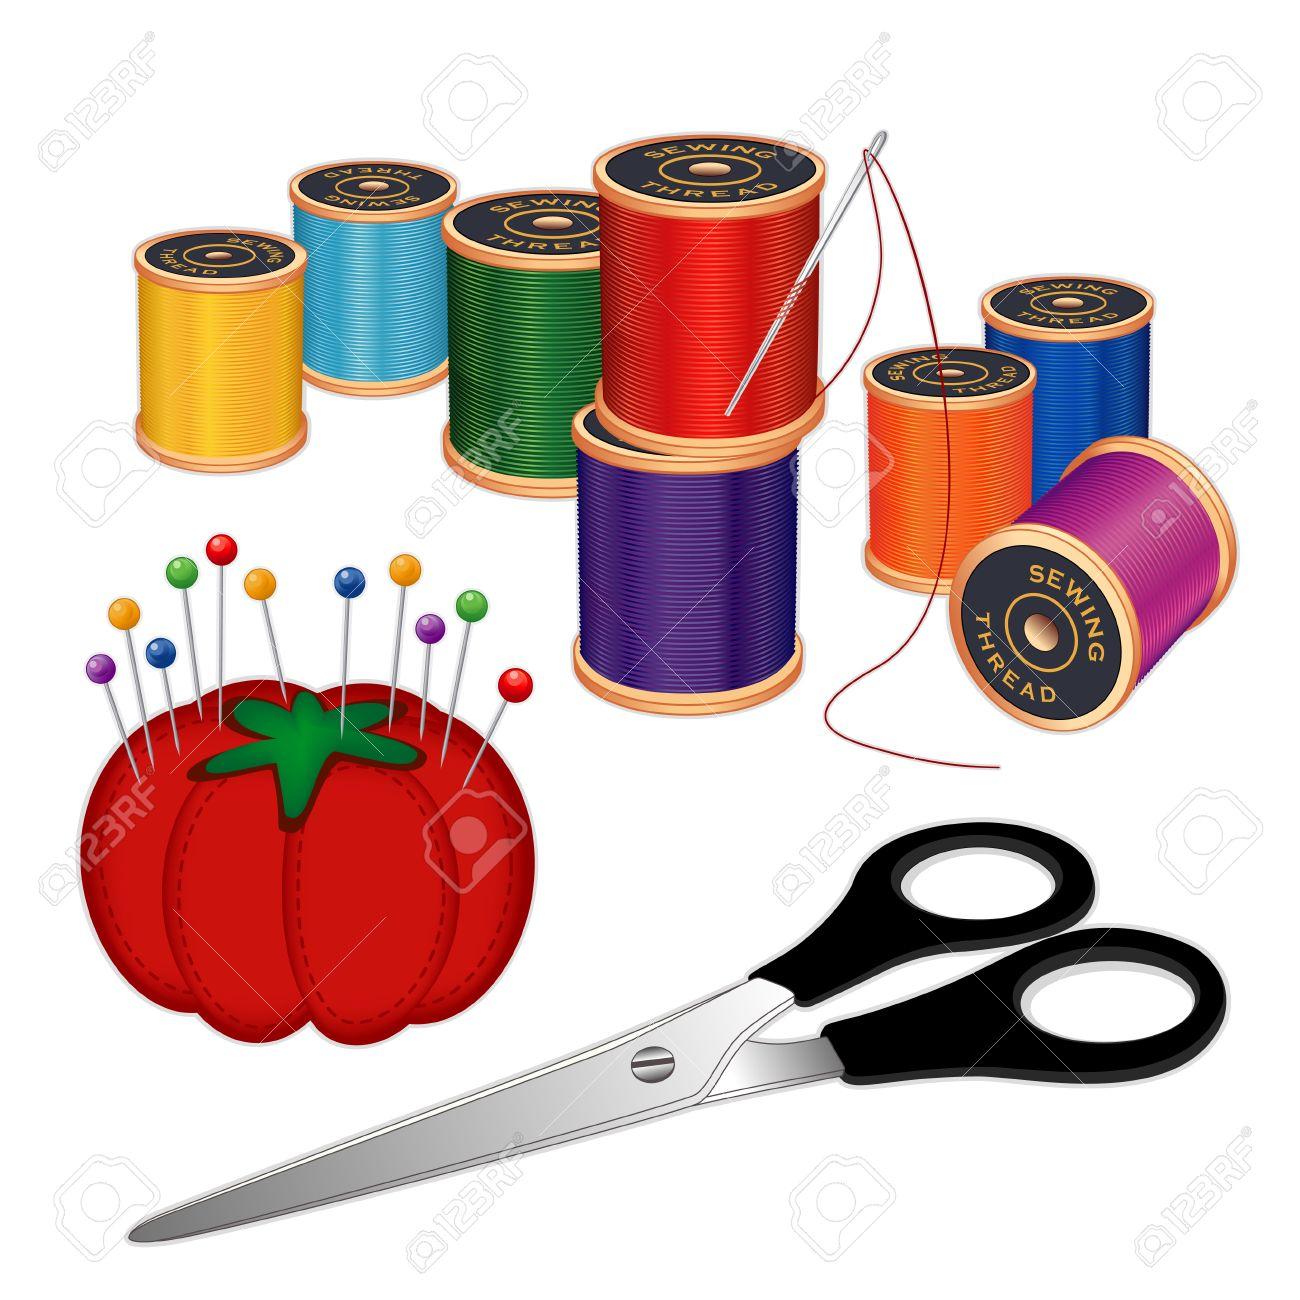 Kit Per Cucire Con Ago D'argento, Rocchetti Di Filo Multicolore.